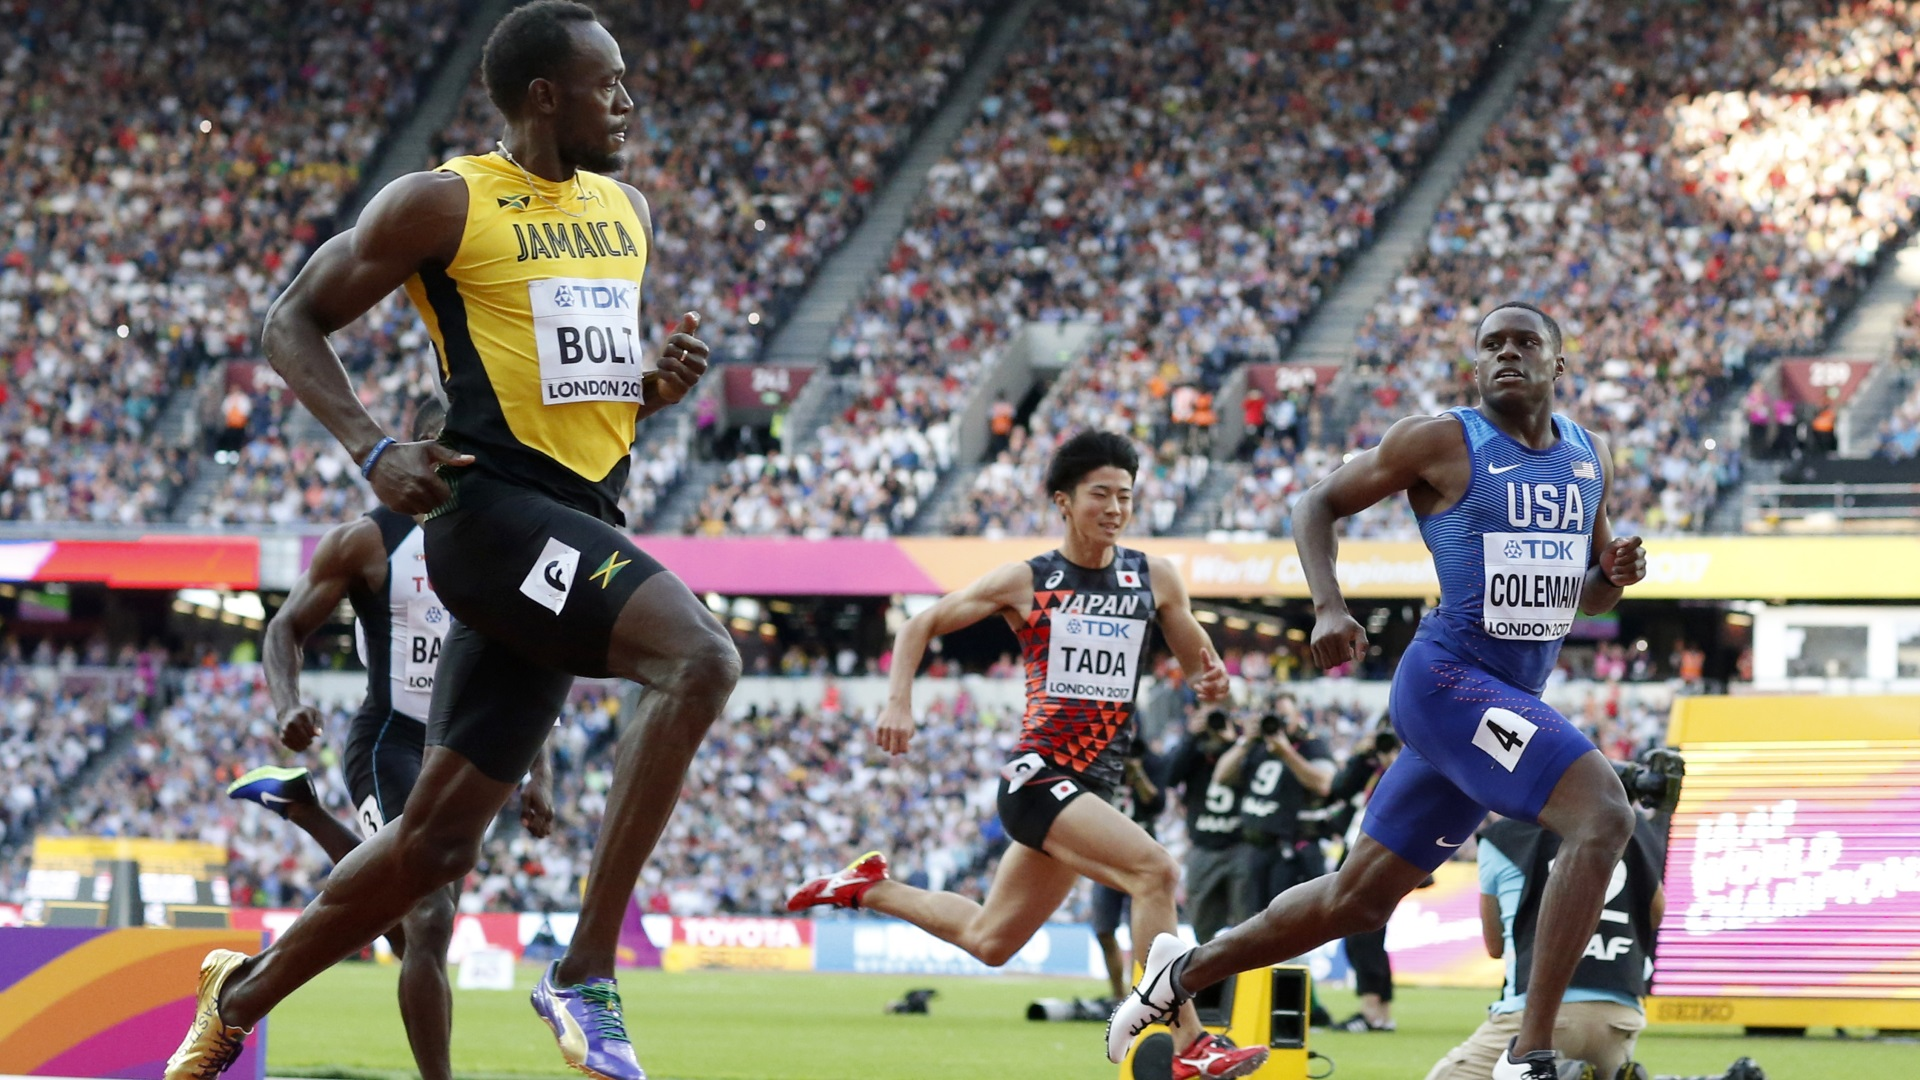 Una de las grandes imágenes del Mundial de Londres fue la de Usain Bolt mirándose a la cara con Chris Coleman en la clasificación de los 100 metros (AP)